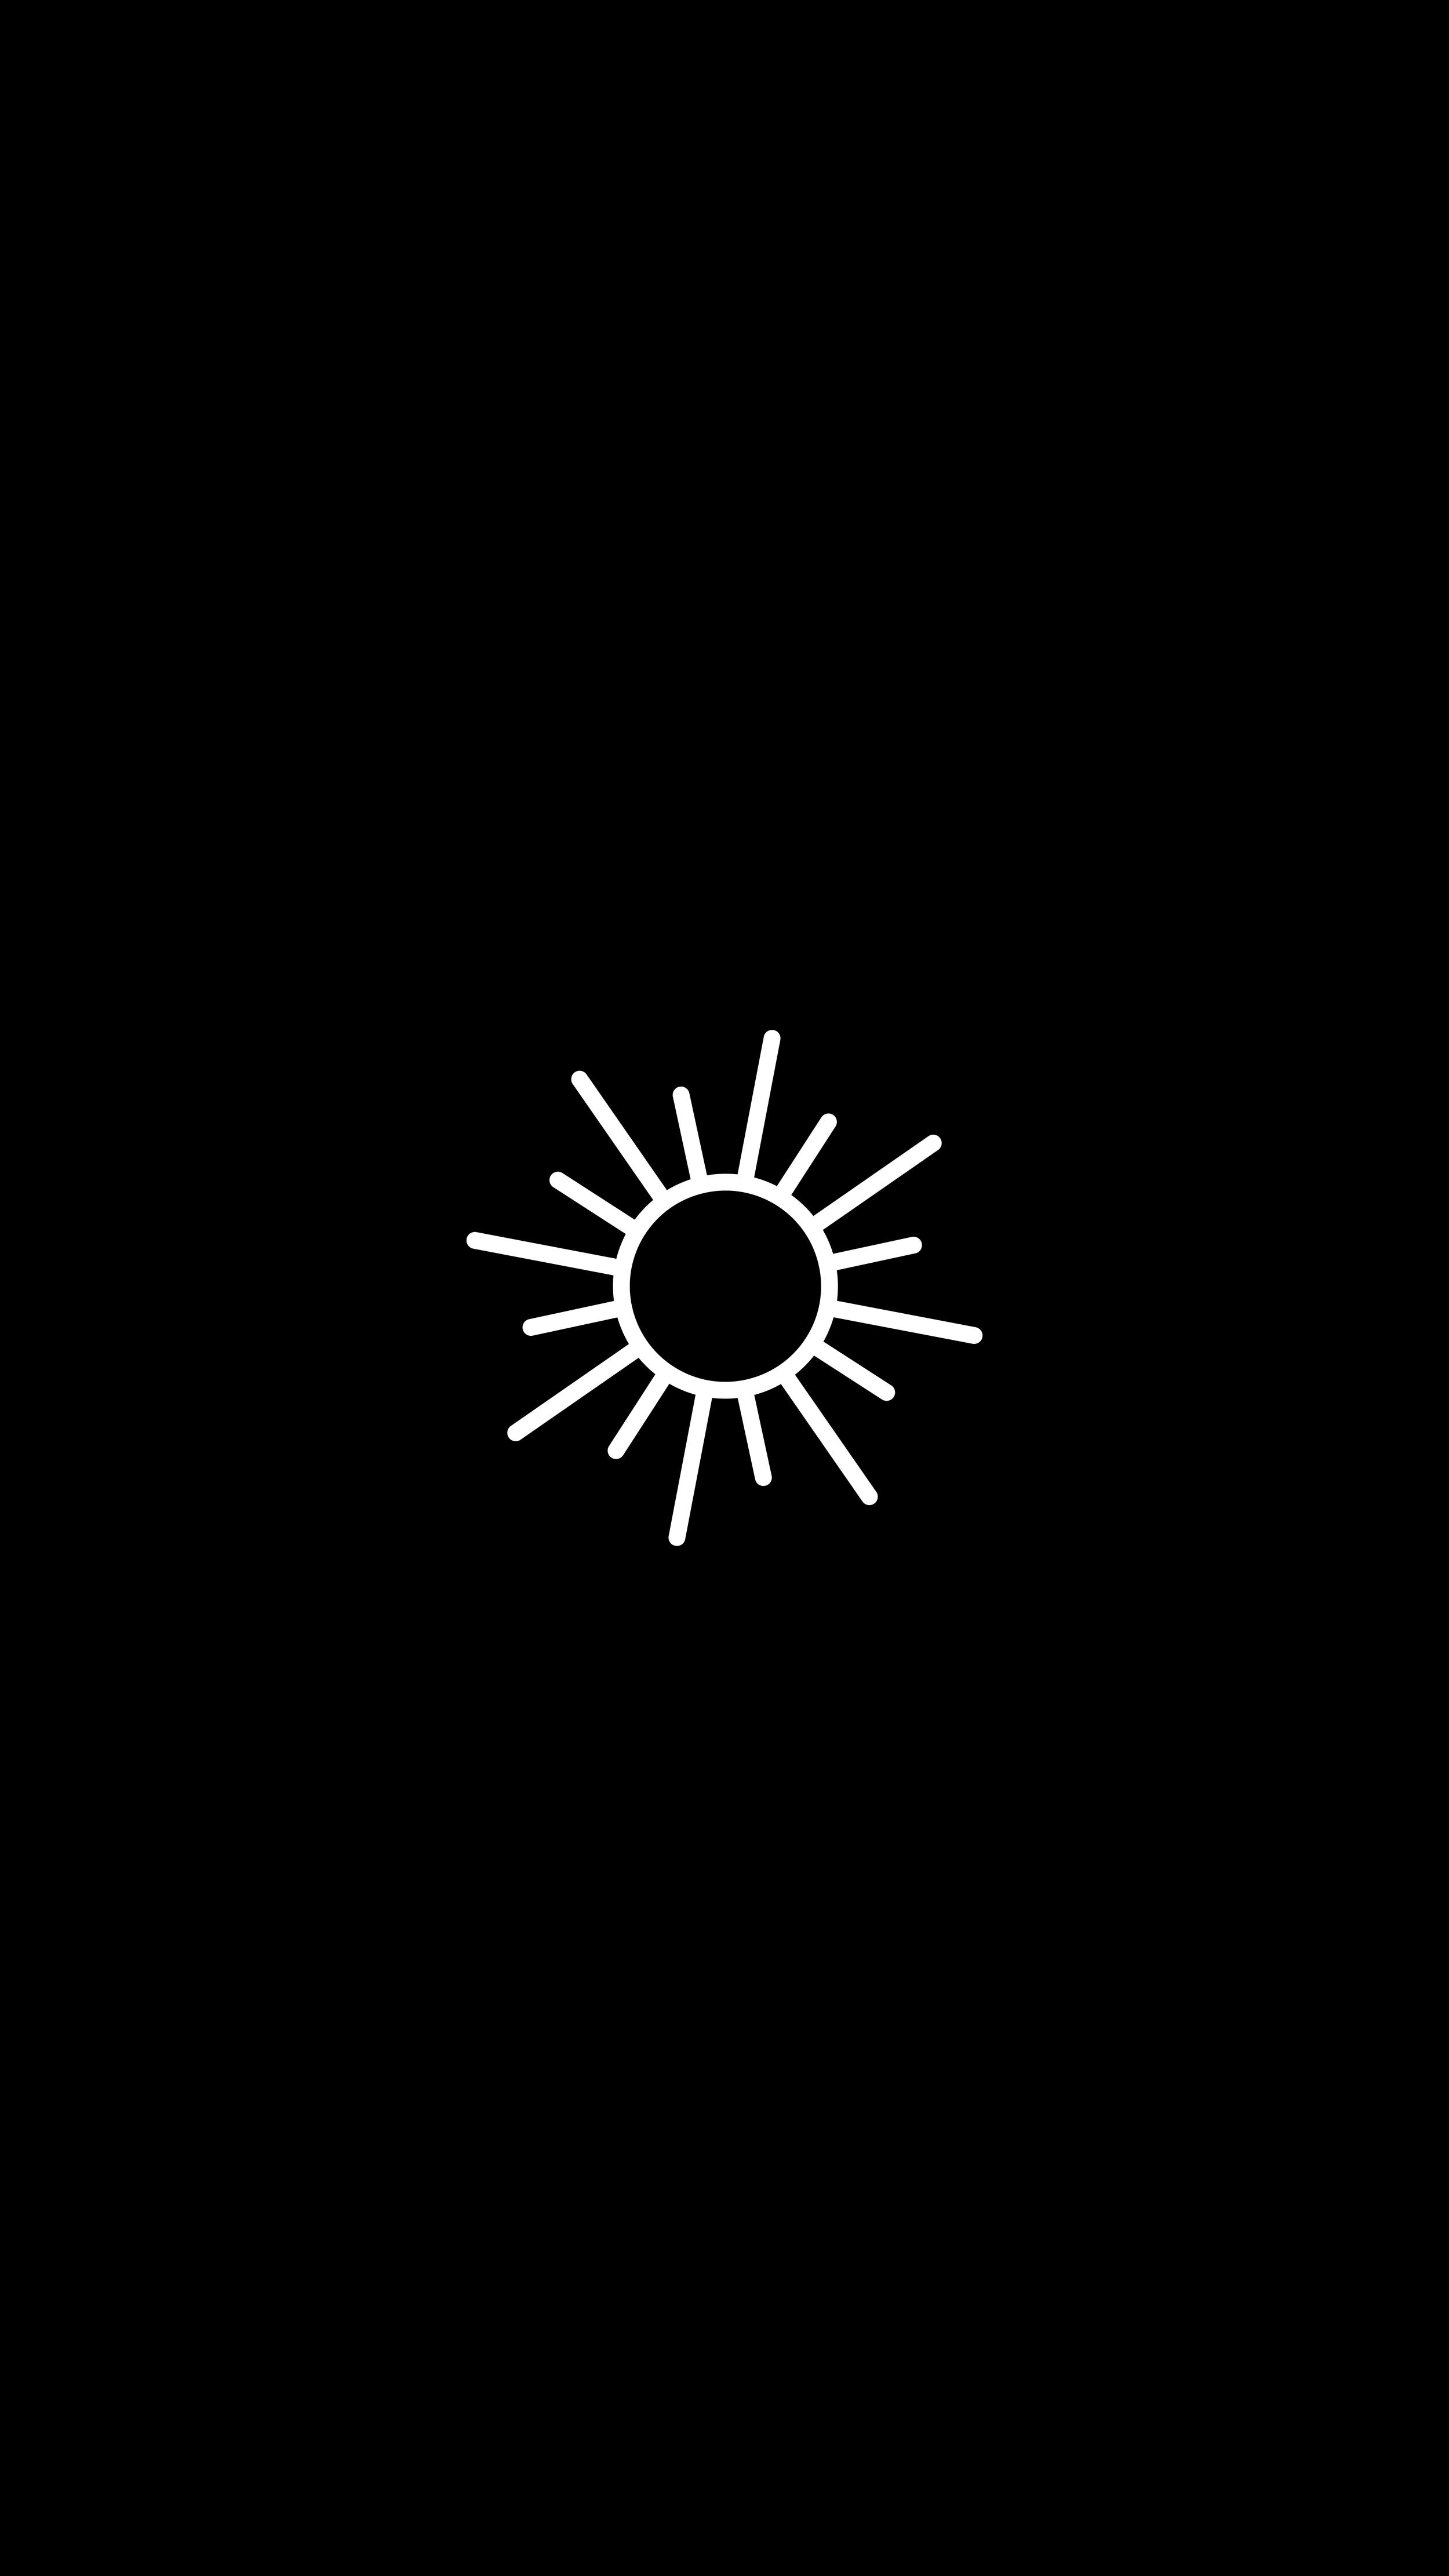 Summer, Sun, Vacation